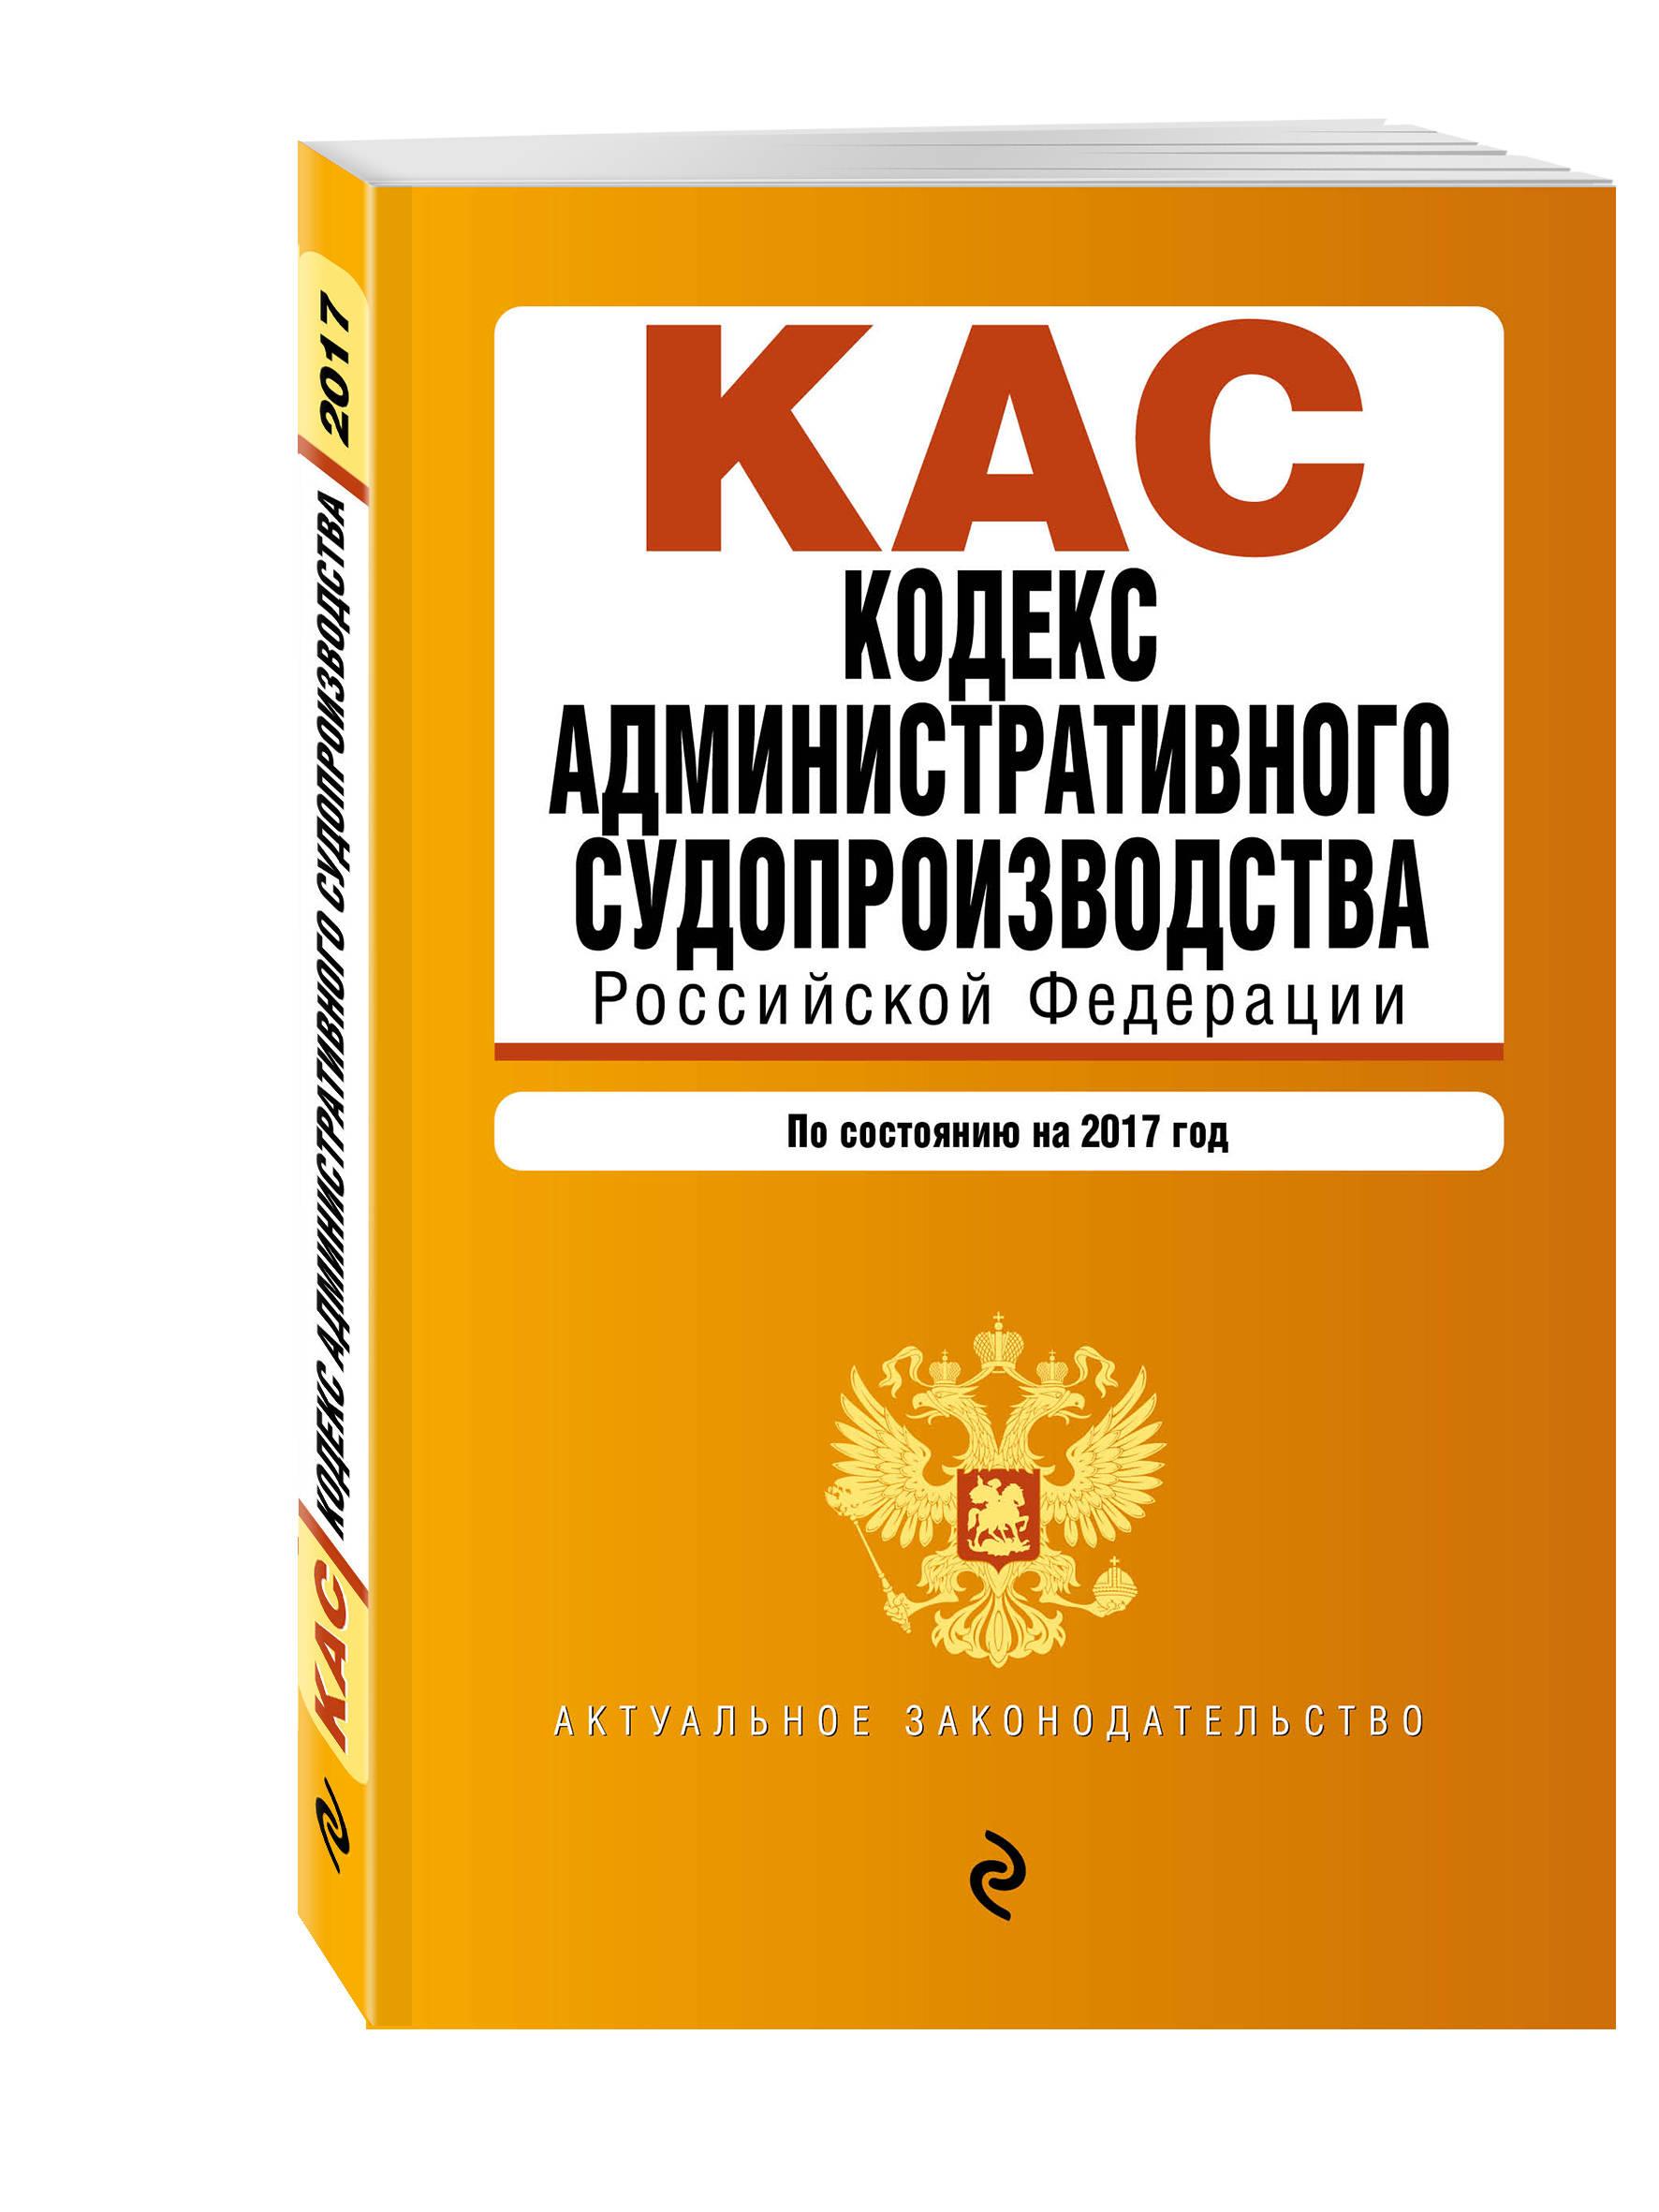 Кодекс административного судопроизводства РФ: по состоянию на 2017 год кодекс административного судопроизводства рф по сост на 20 02 17 с таблицей изменений